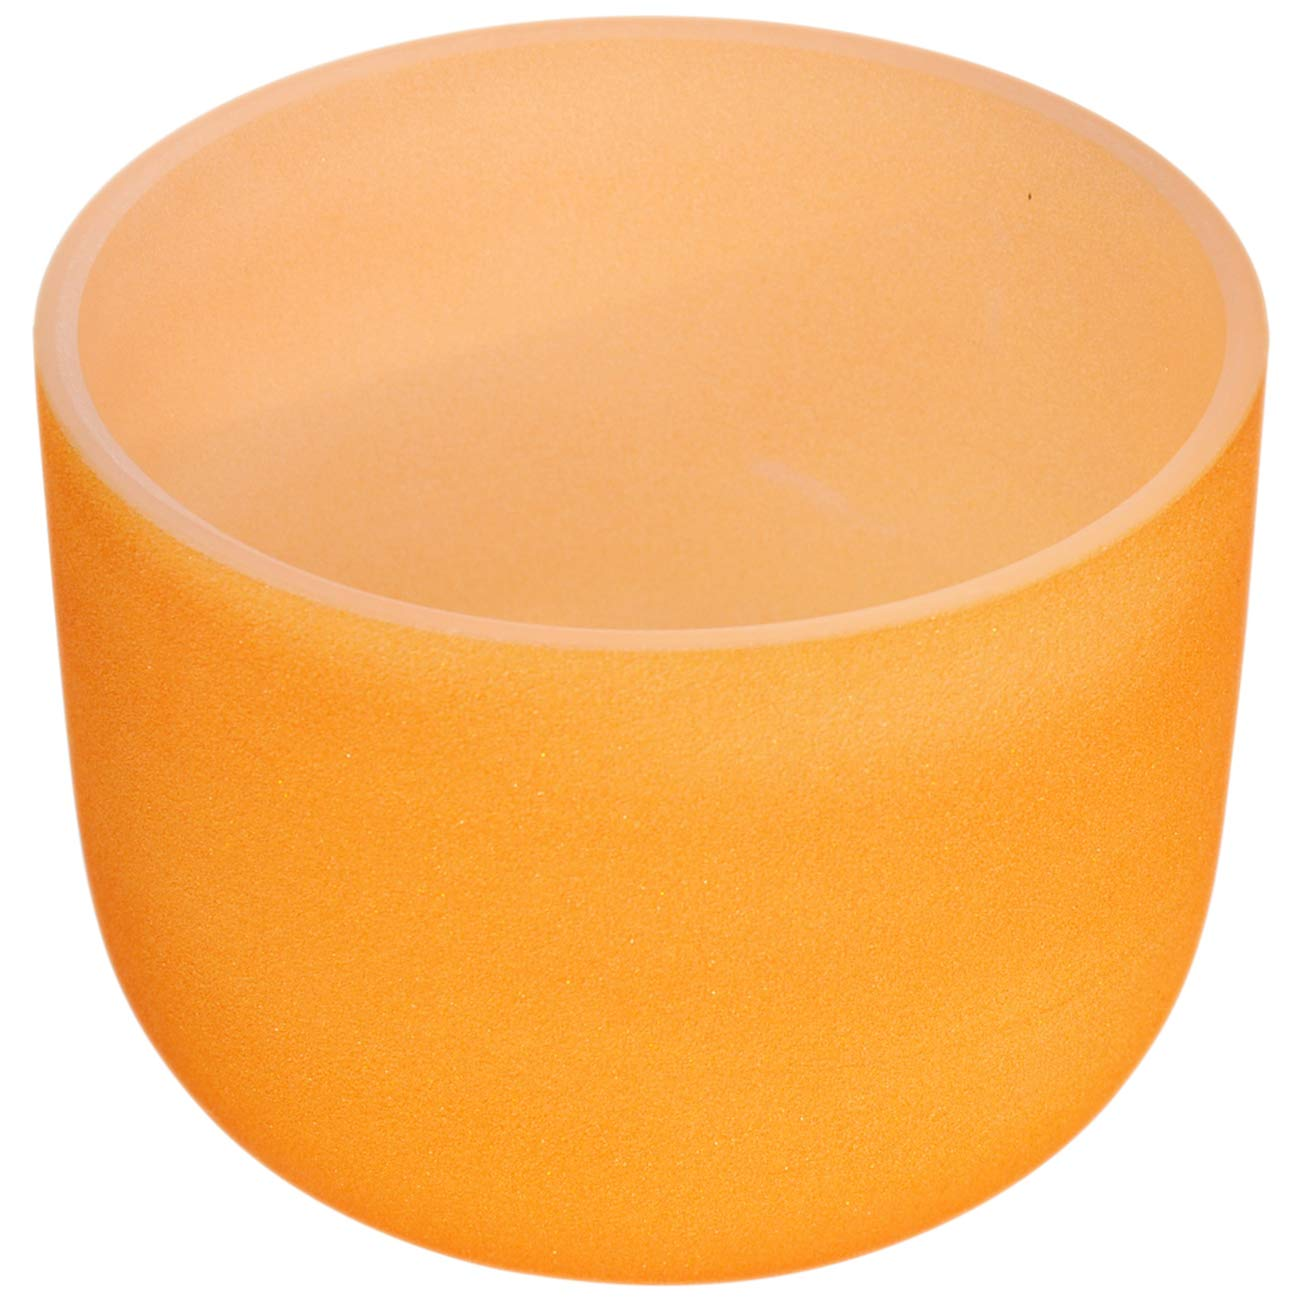 440/Hz 20/cm givr/é Couleur Orange Perfect Pitch D Note Chakra sacr/é Bol chantant en cristal /à quartz Bol chantant avec joint torique et de nouveaux Cristal Maillet